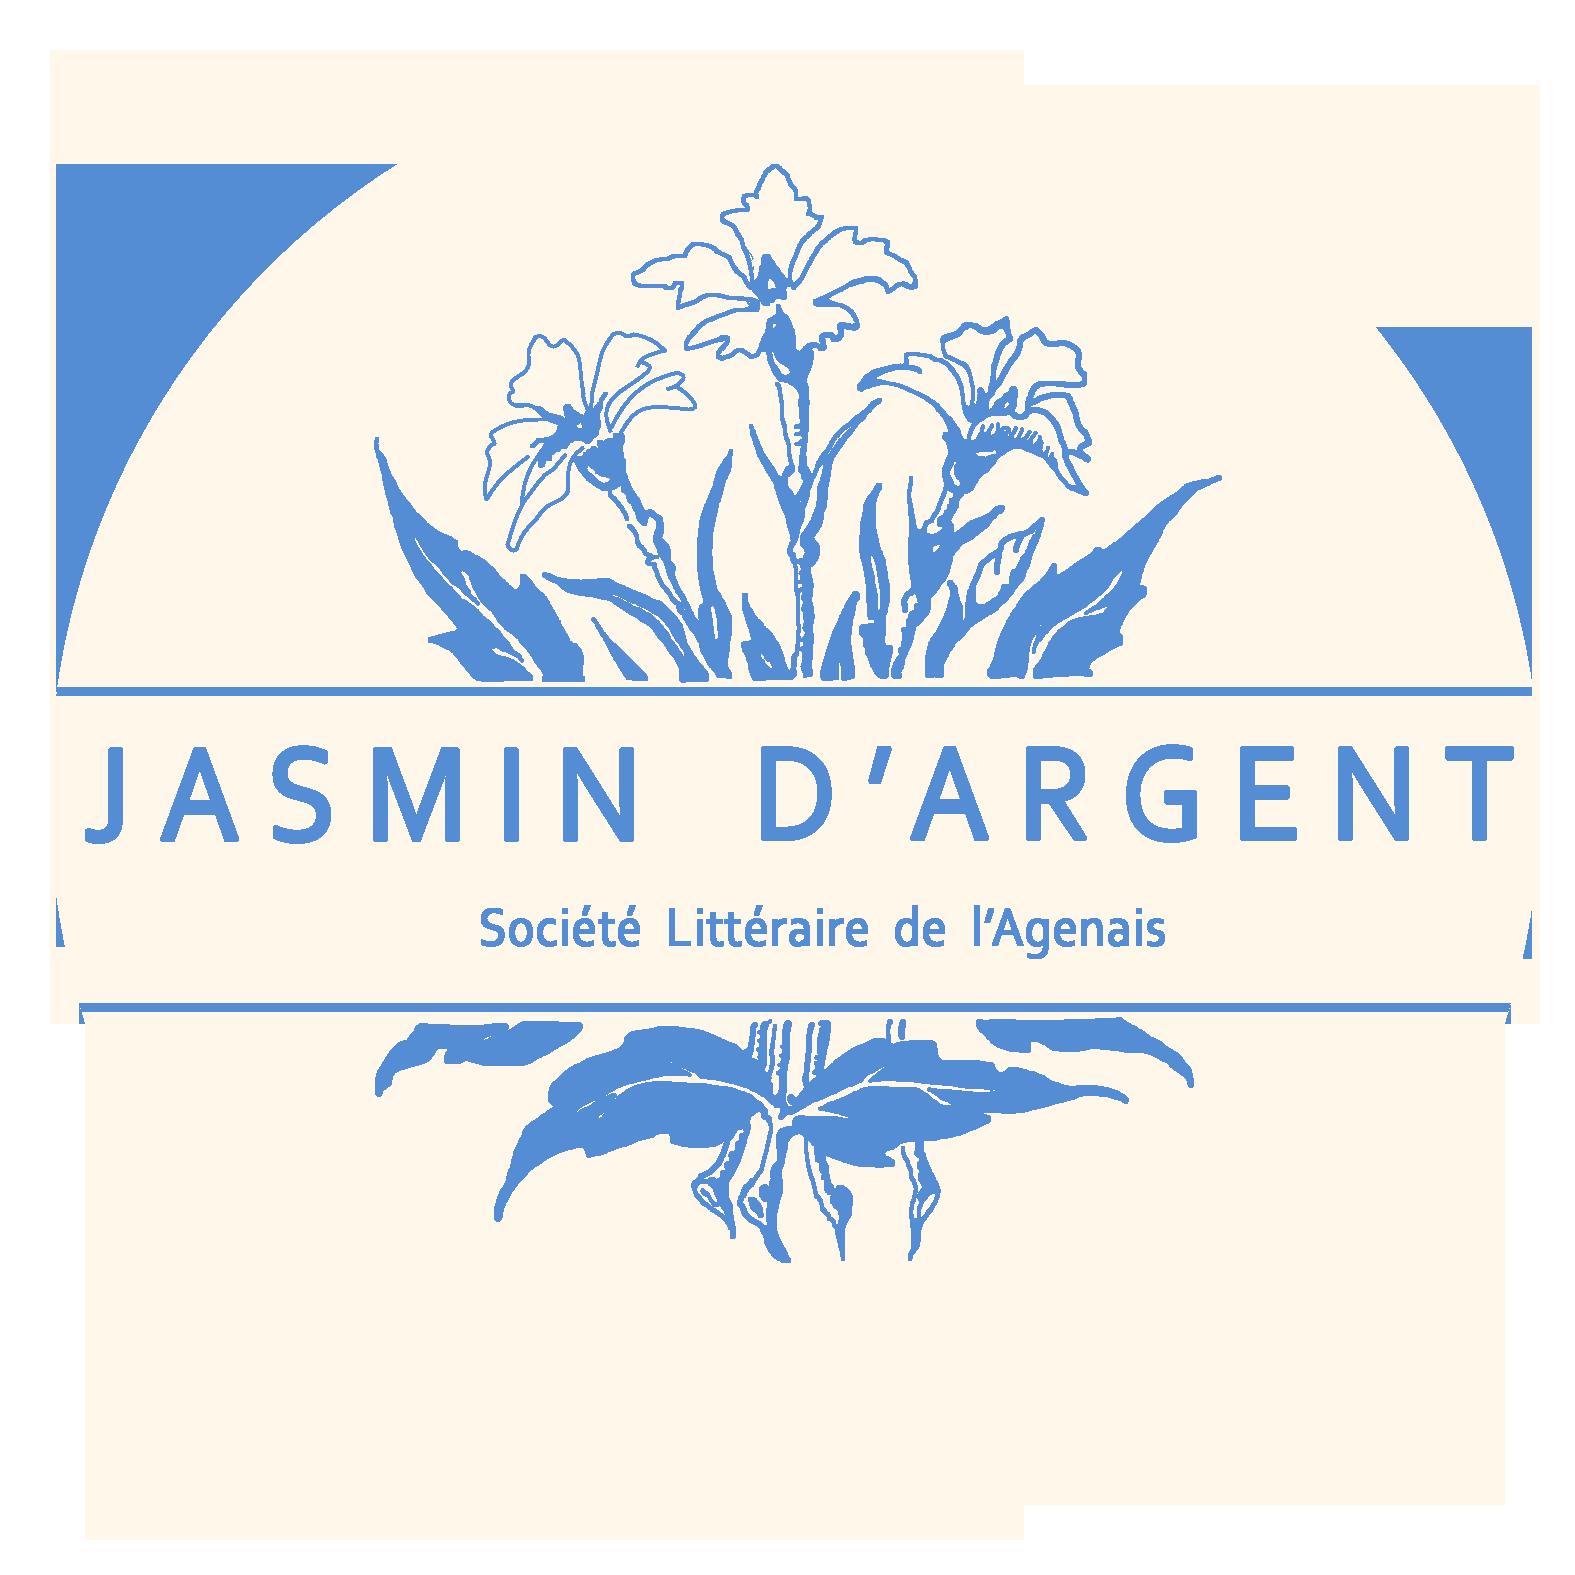 Le Jasmin d'Argent, un concours de poésie centenaire !